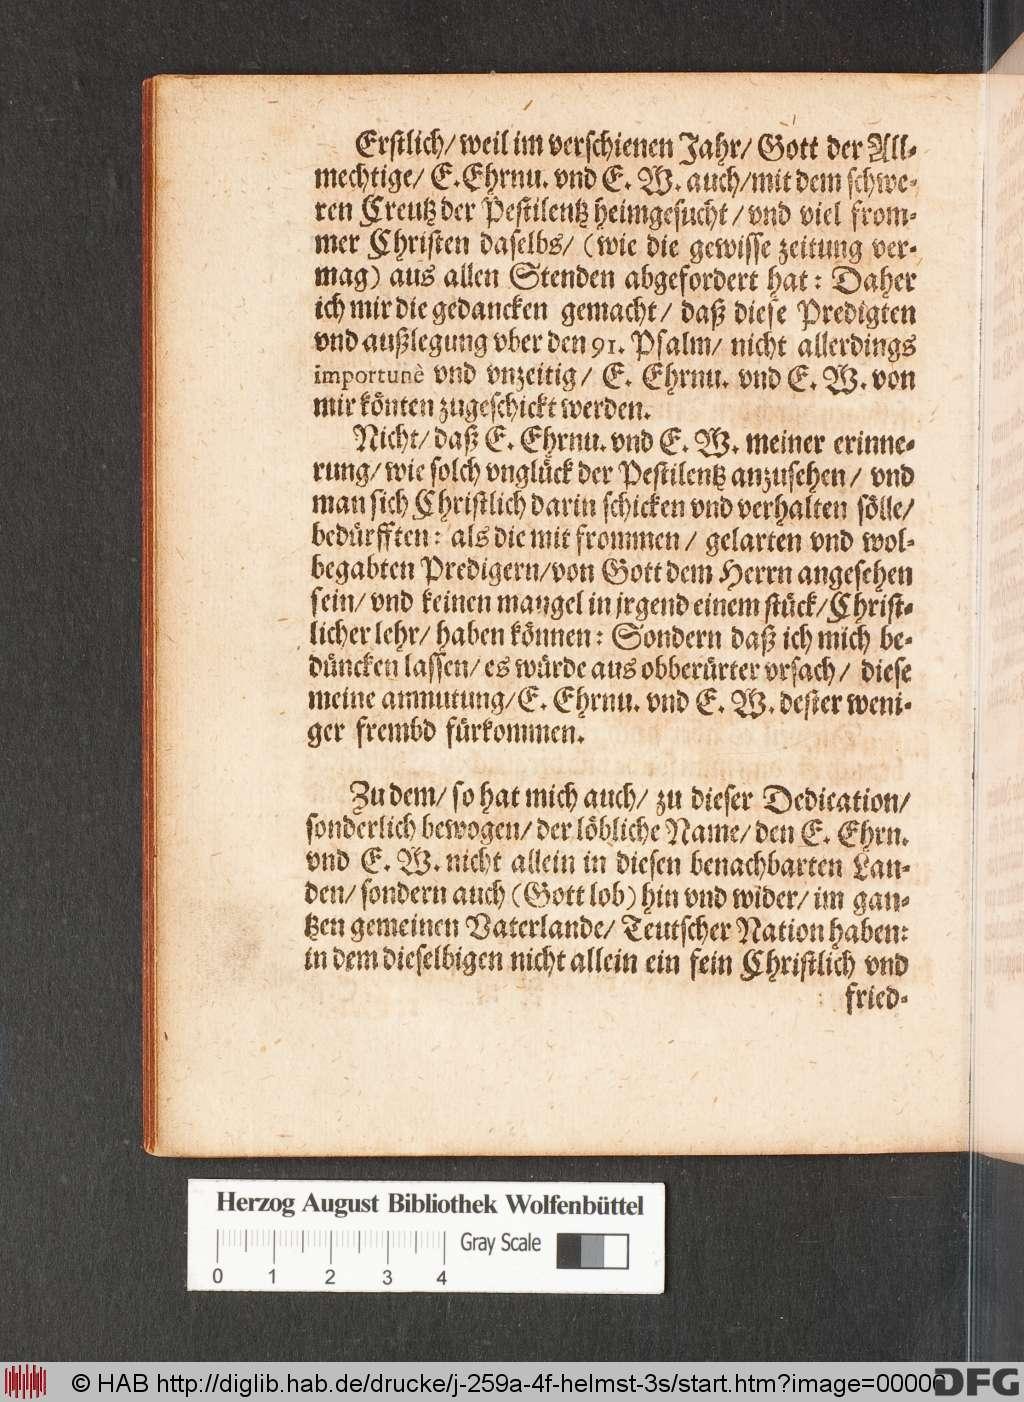 http://diglib.hab.de/drucke/j-259a-4f-helmst-3s/00006.jpg